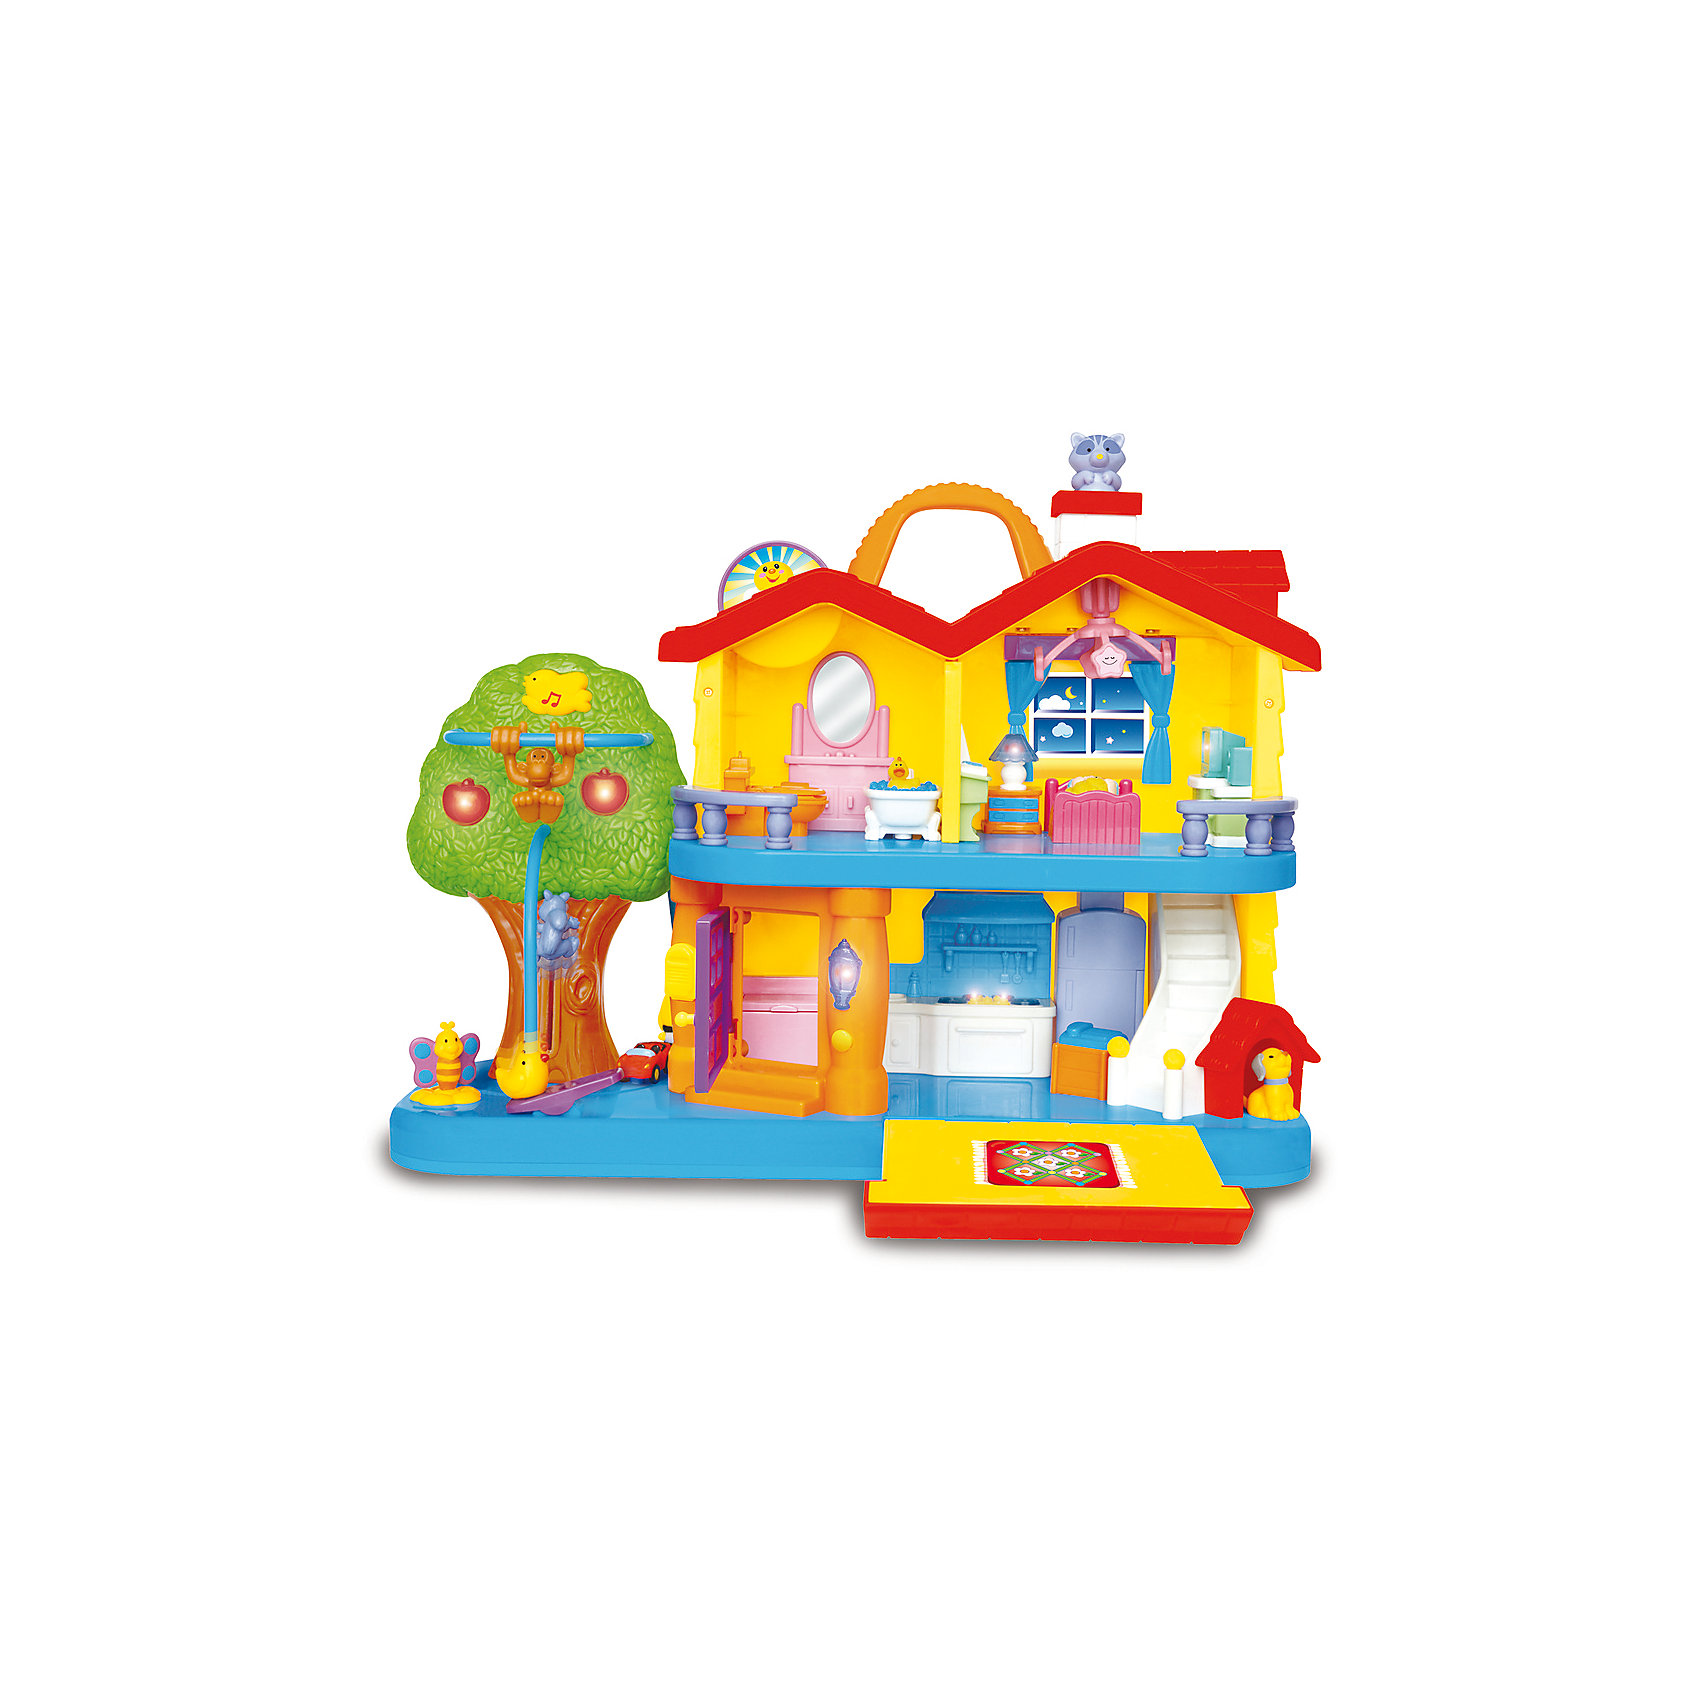 Kiddieland Развивающая игрушка Занимательный дом, Kiddieland